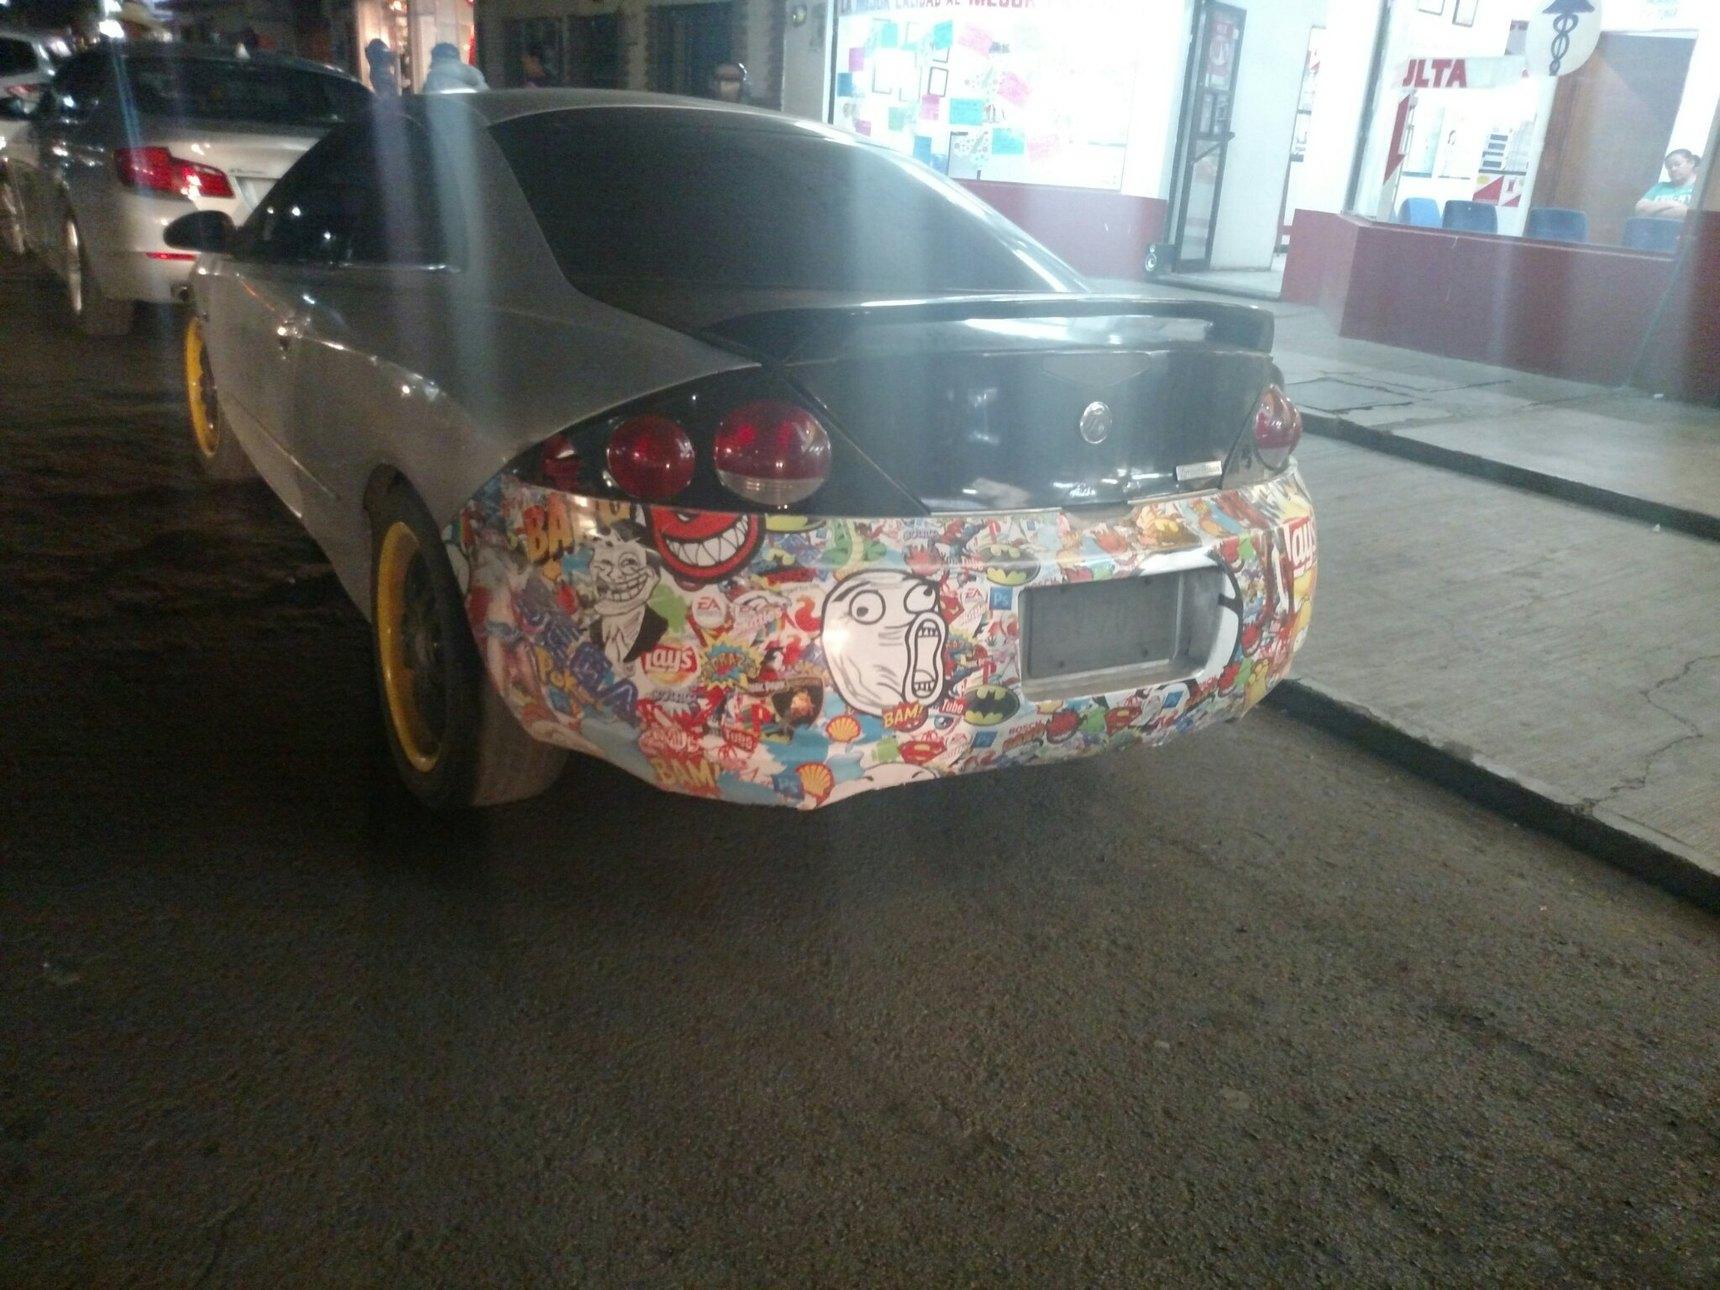 Car xD - meme